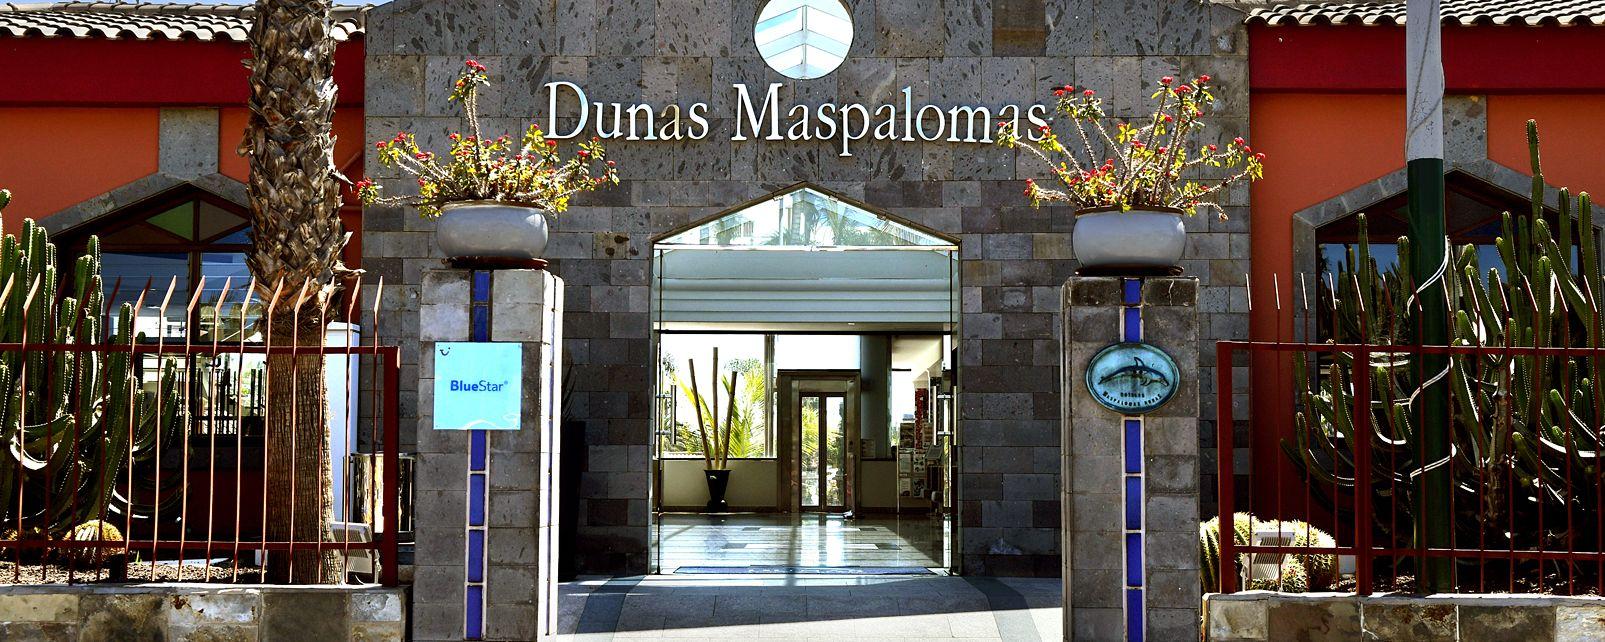 Club Lookéa Dunas Maspalomas